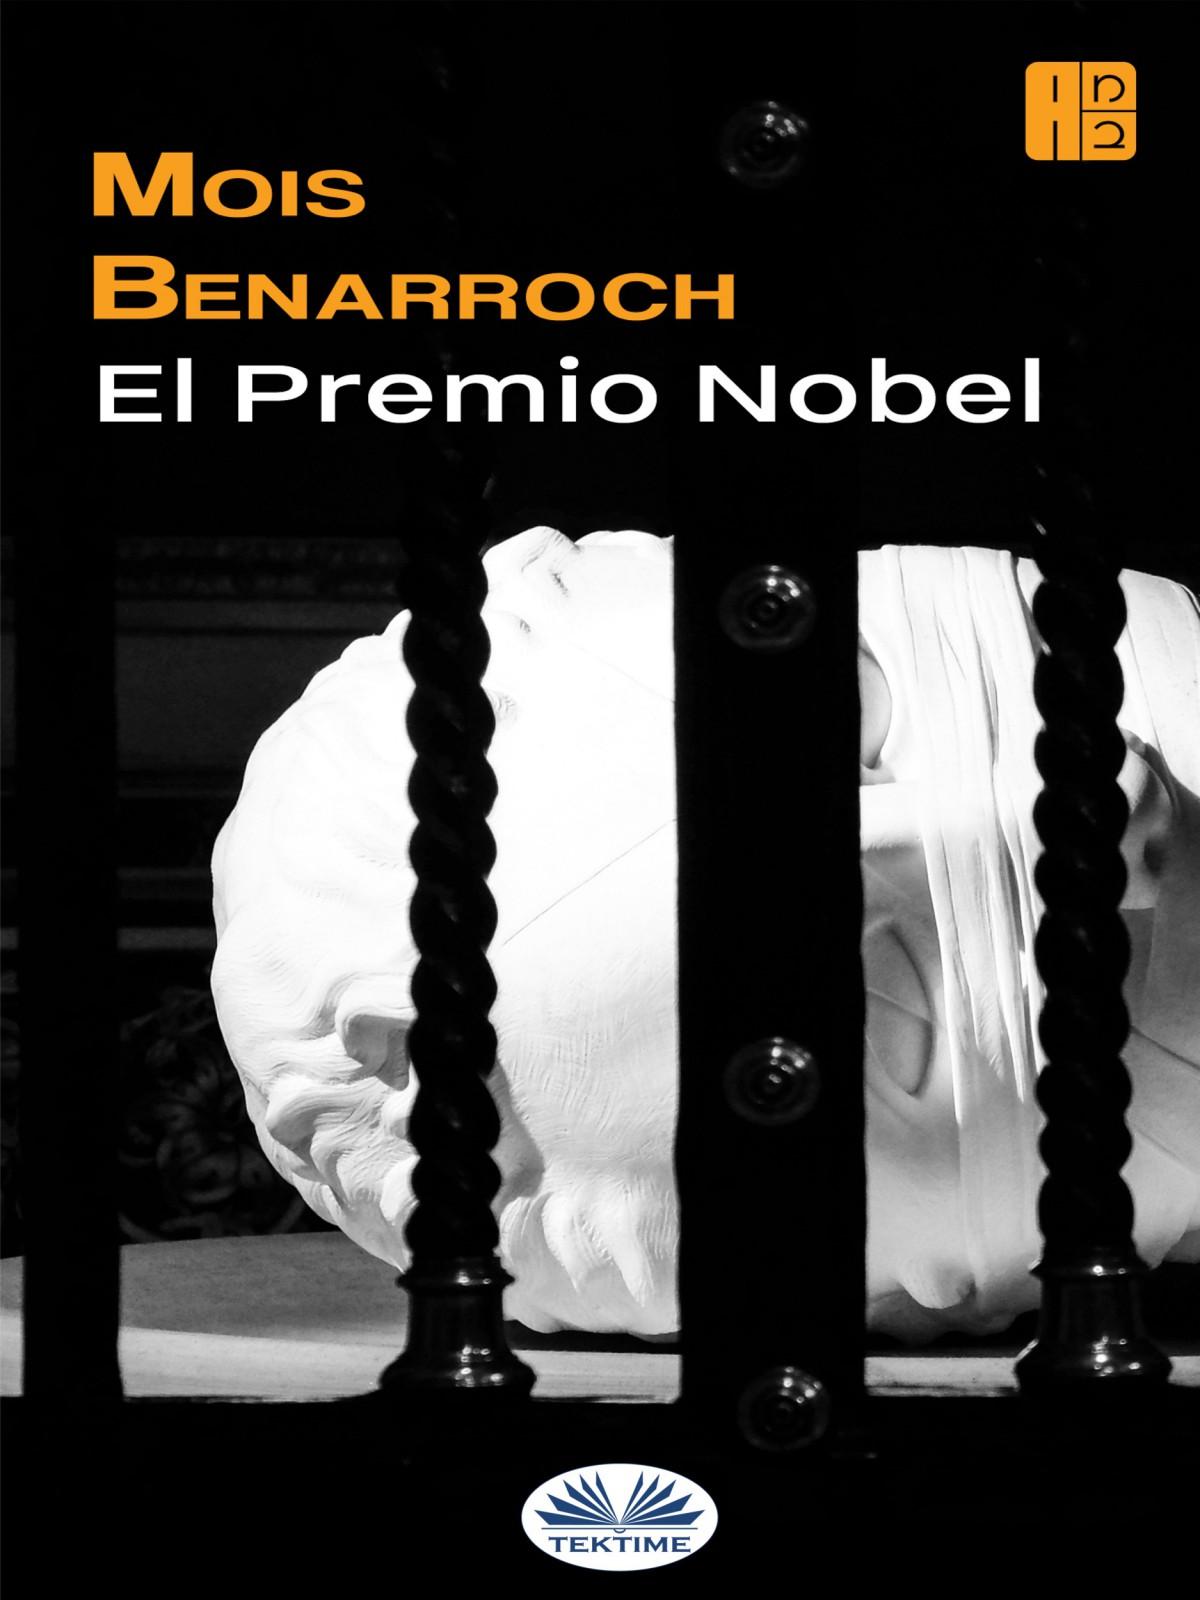 Mois Benarroch El Premio Nobel r belisario el rosal de las ruinas poema dramatico en tres actos y en verso